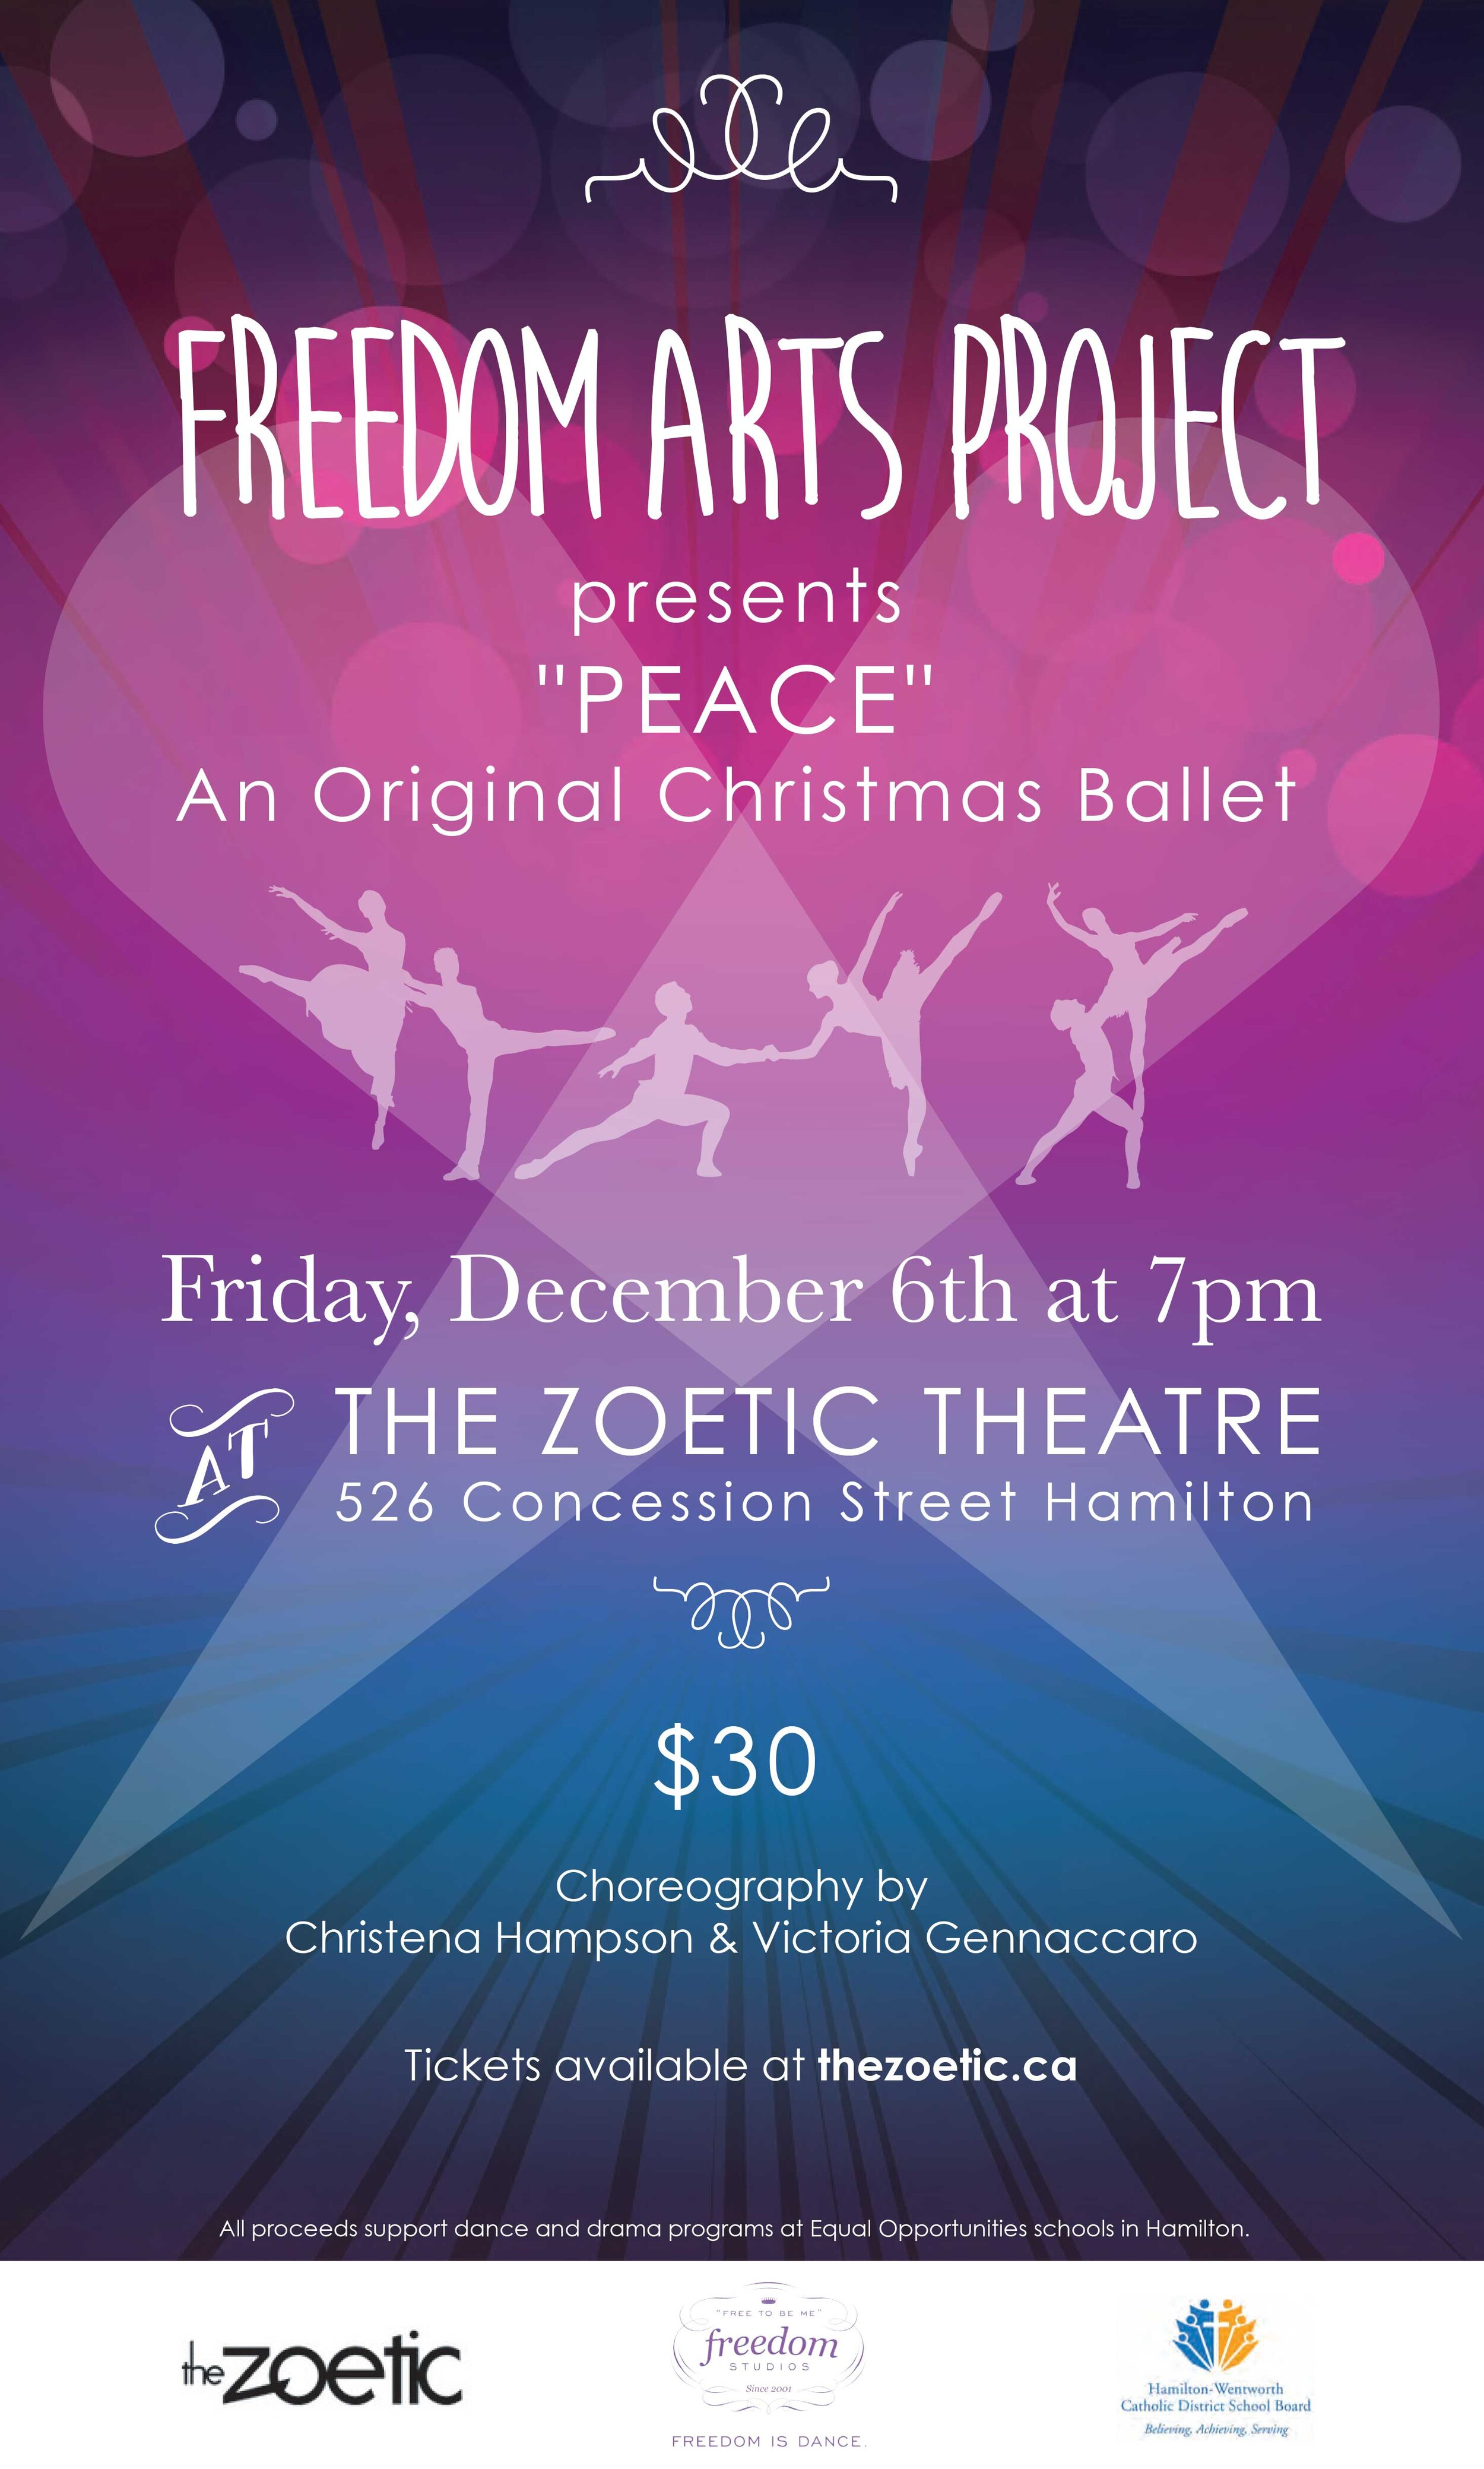 fap-ballet-poster-evening2019.jpg